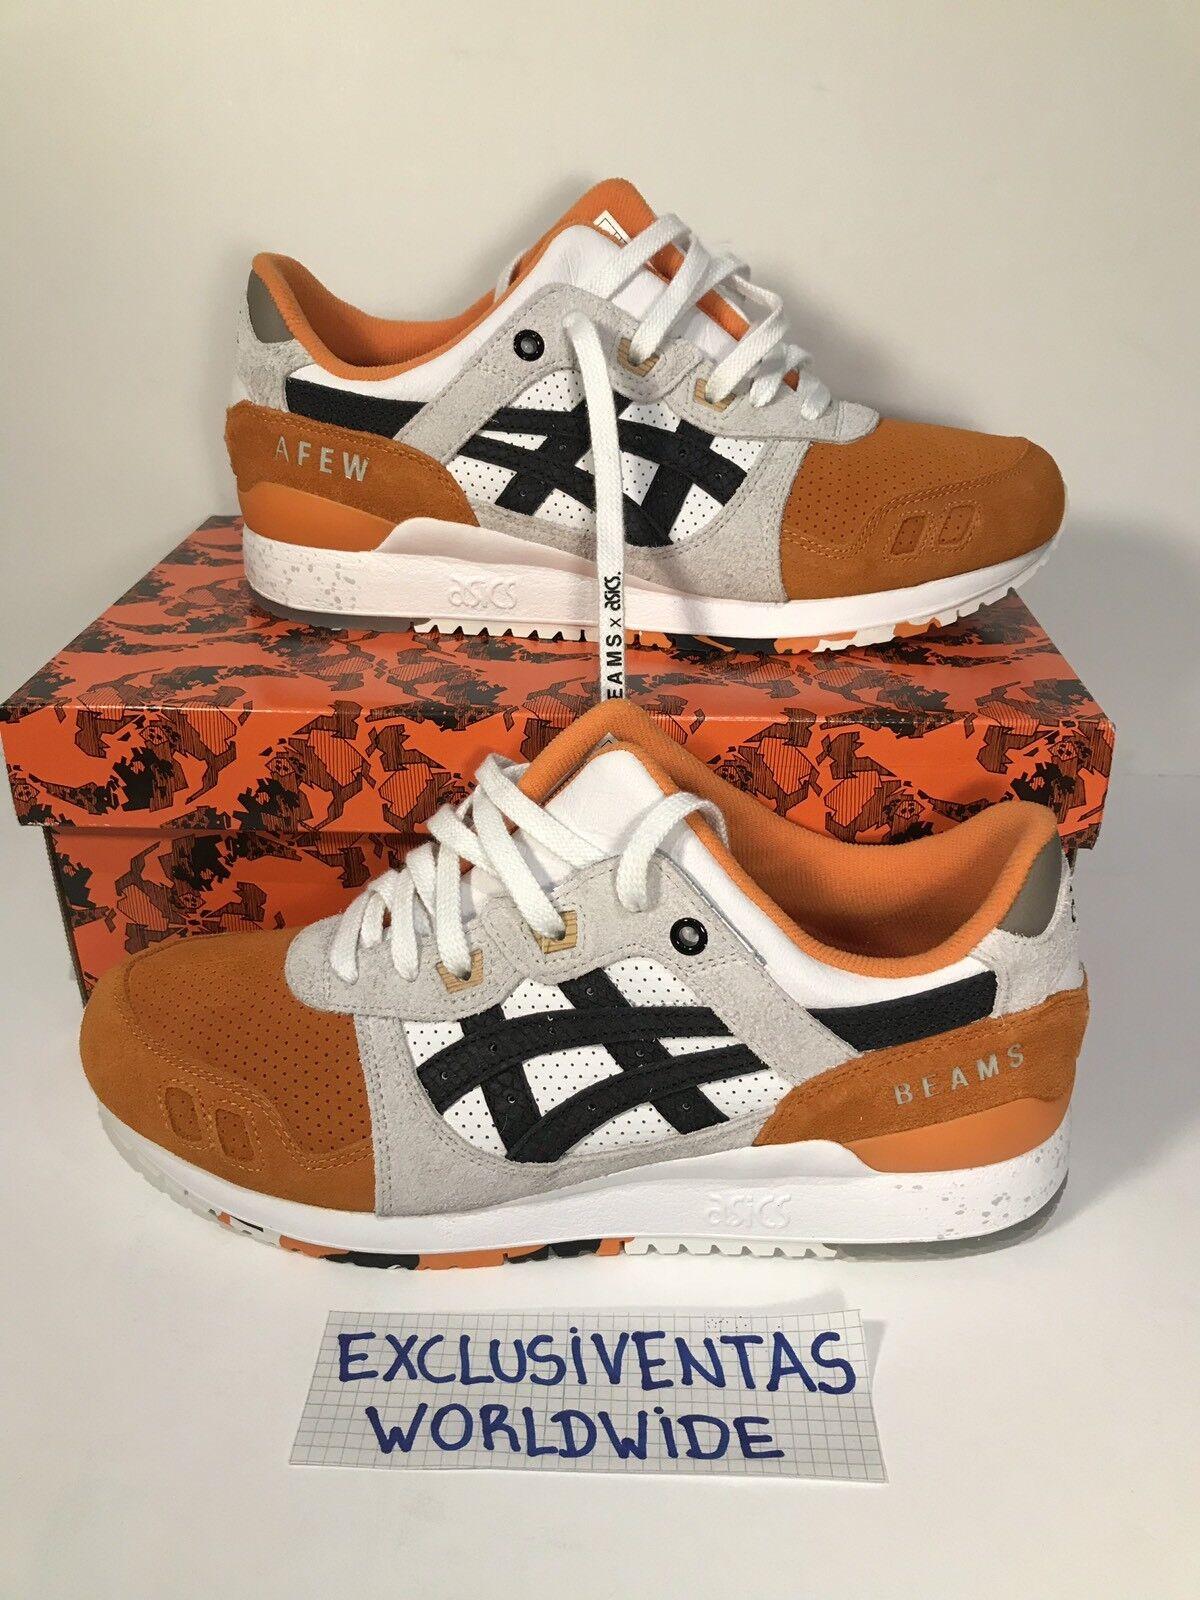 Asics Gel Lyte 3 orange Koi x Afew x BEAMS 11,5 US   10,5 UK W RECEIPT DSWT